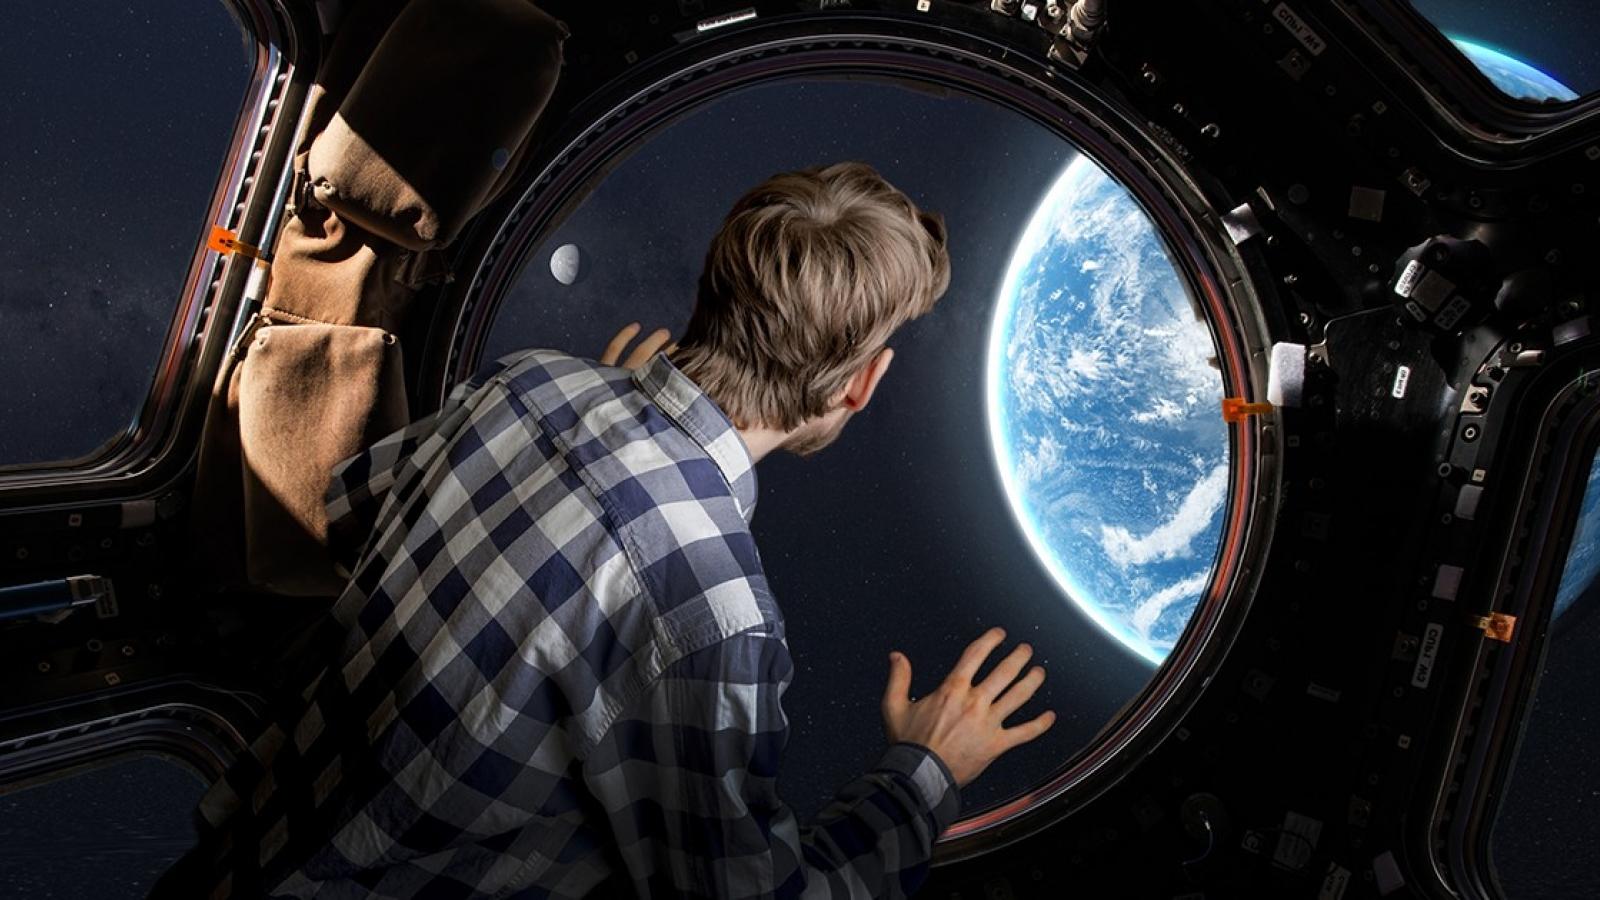 Công ty Blue Origin bắt đầu mở bán vé du lịch vũ trụ